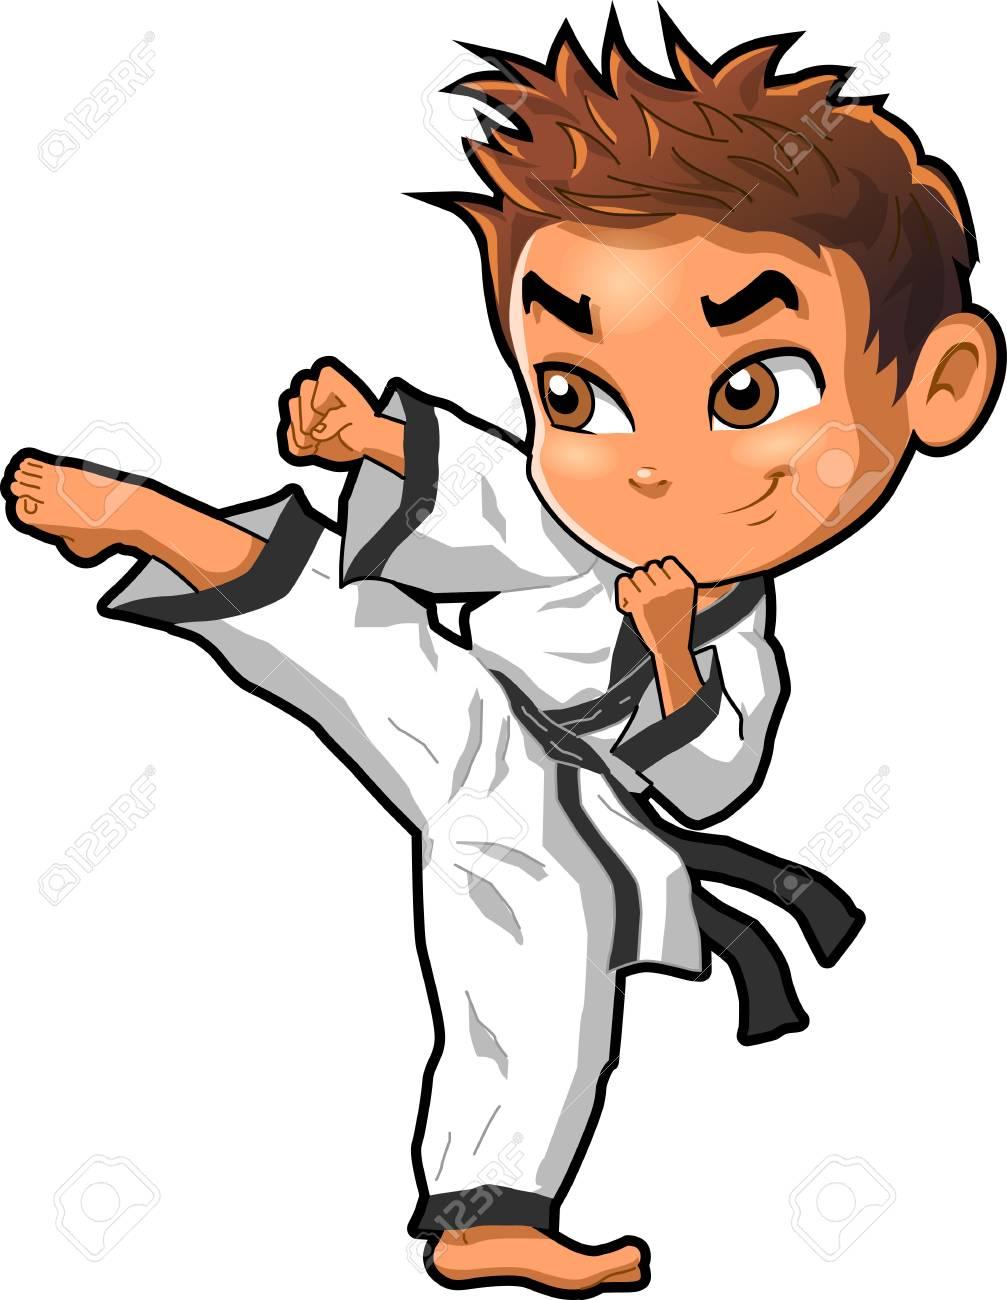 空手格闘技テコンドー道場ベクトル クリップ アート漫画 のイラスト素材 ベクタ Image